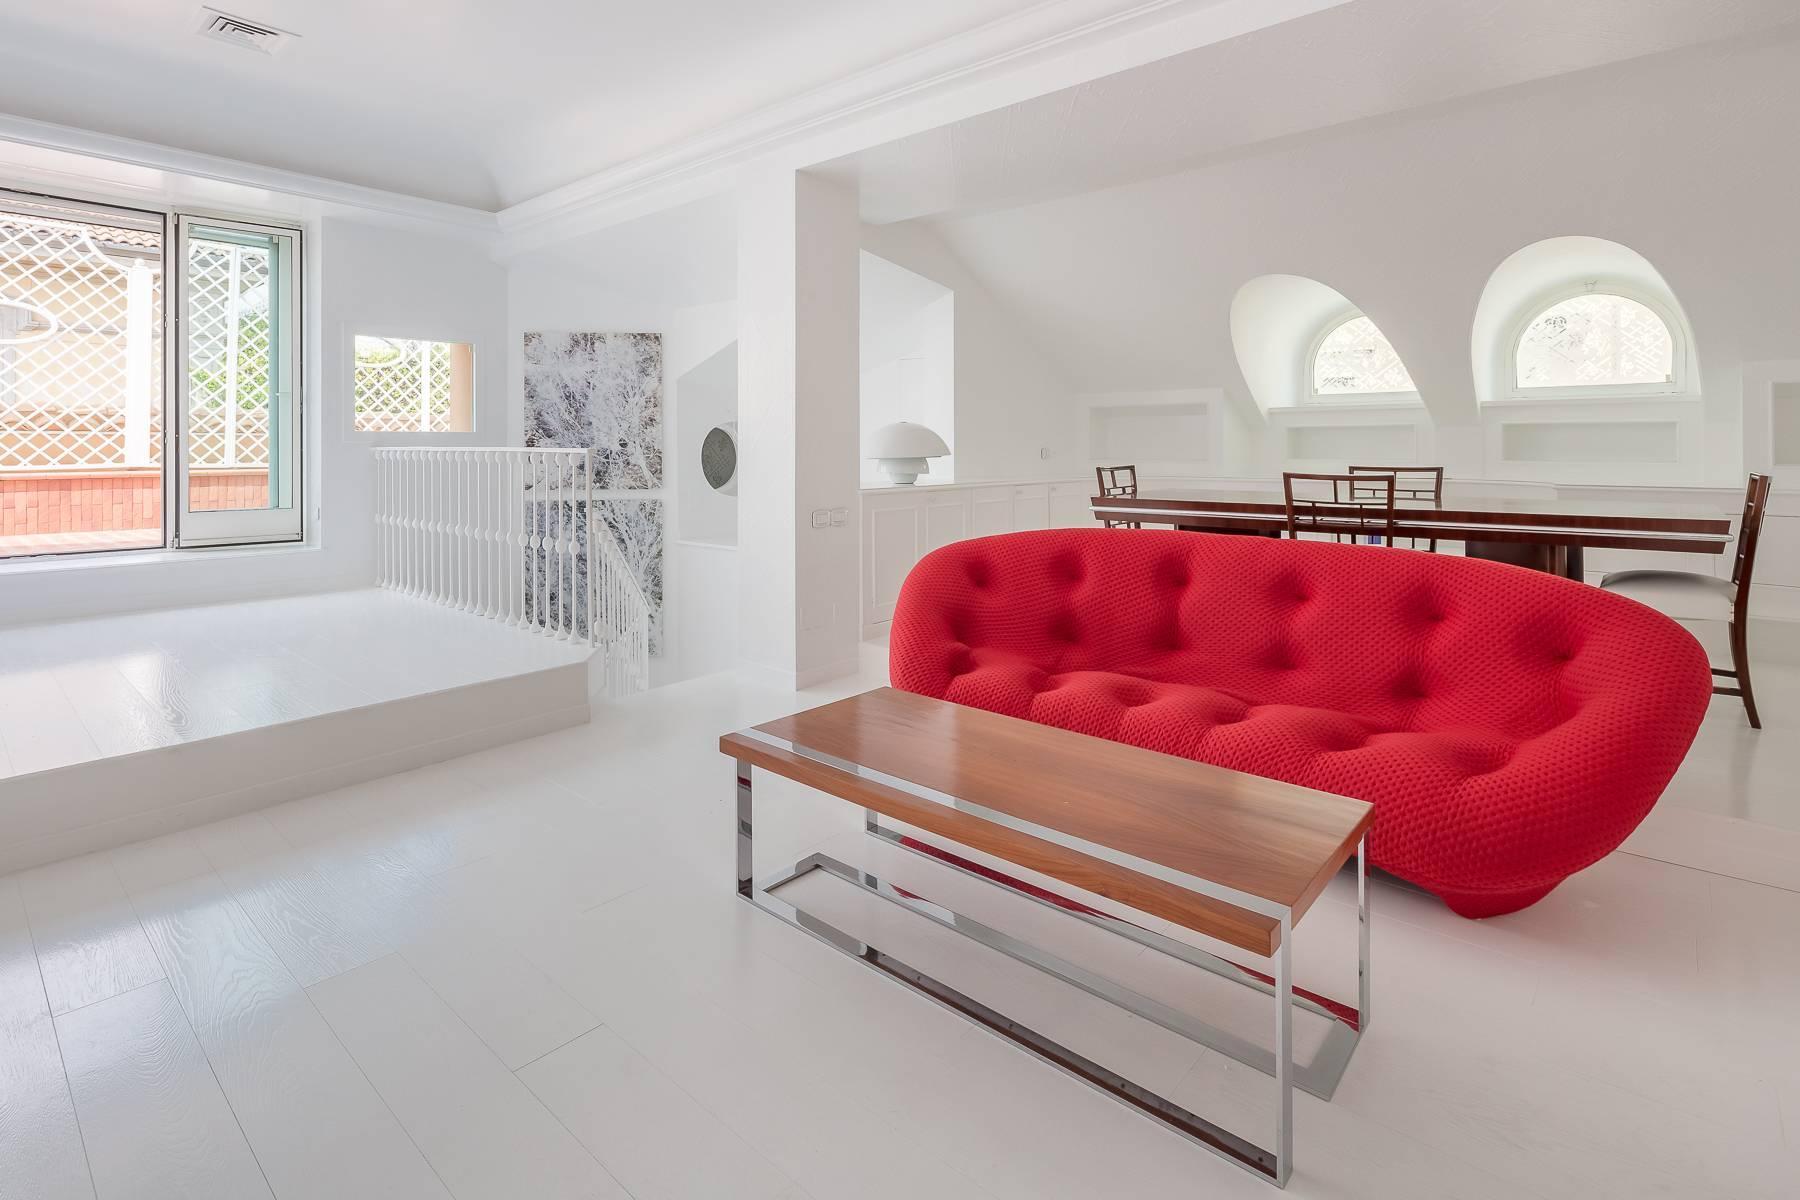 Top-floor apartment for rent in Via Tamburini - 12